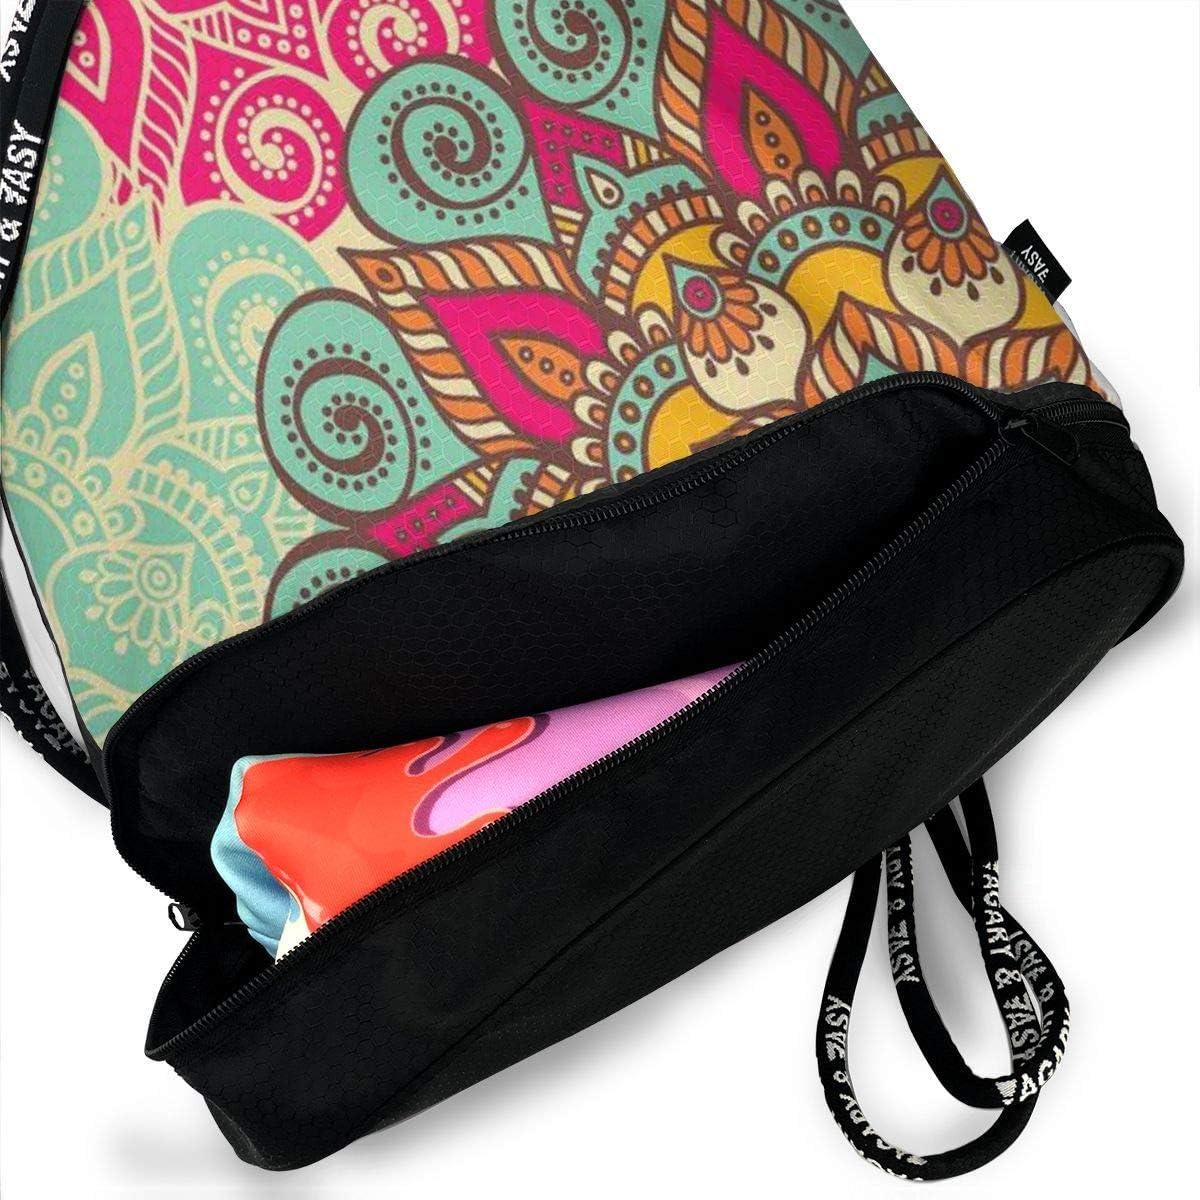 GymSack Drawstring Bag Sackpack Colorful Flower Sport Cinch Pack Simple Bundle Pocke Backpack For Men Women